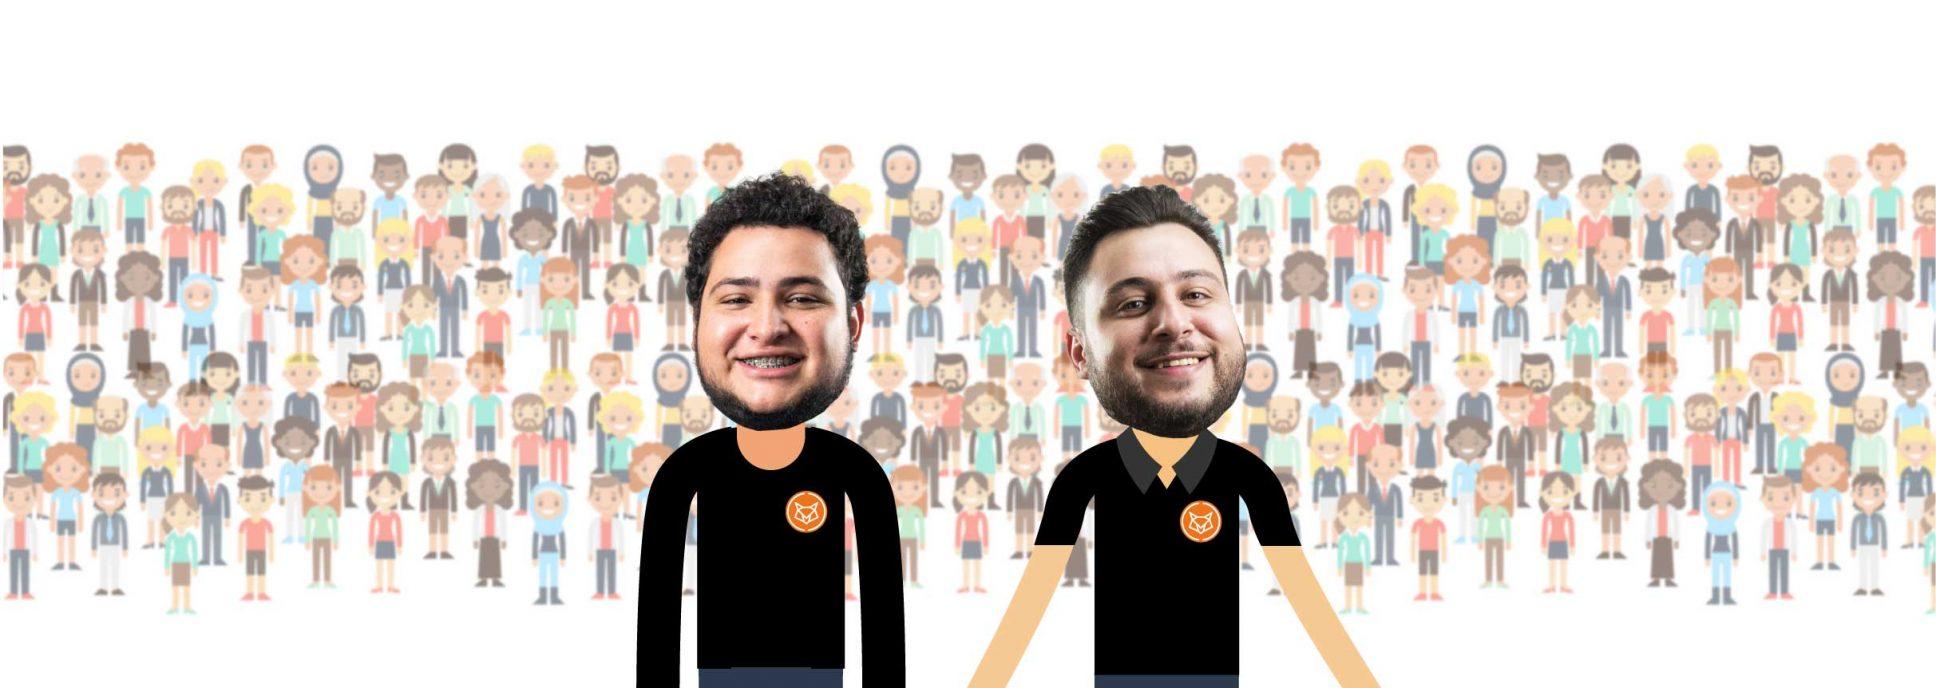 Foxbit 4 anos: as pessoas por trás da empresa